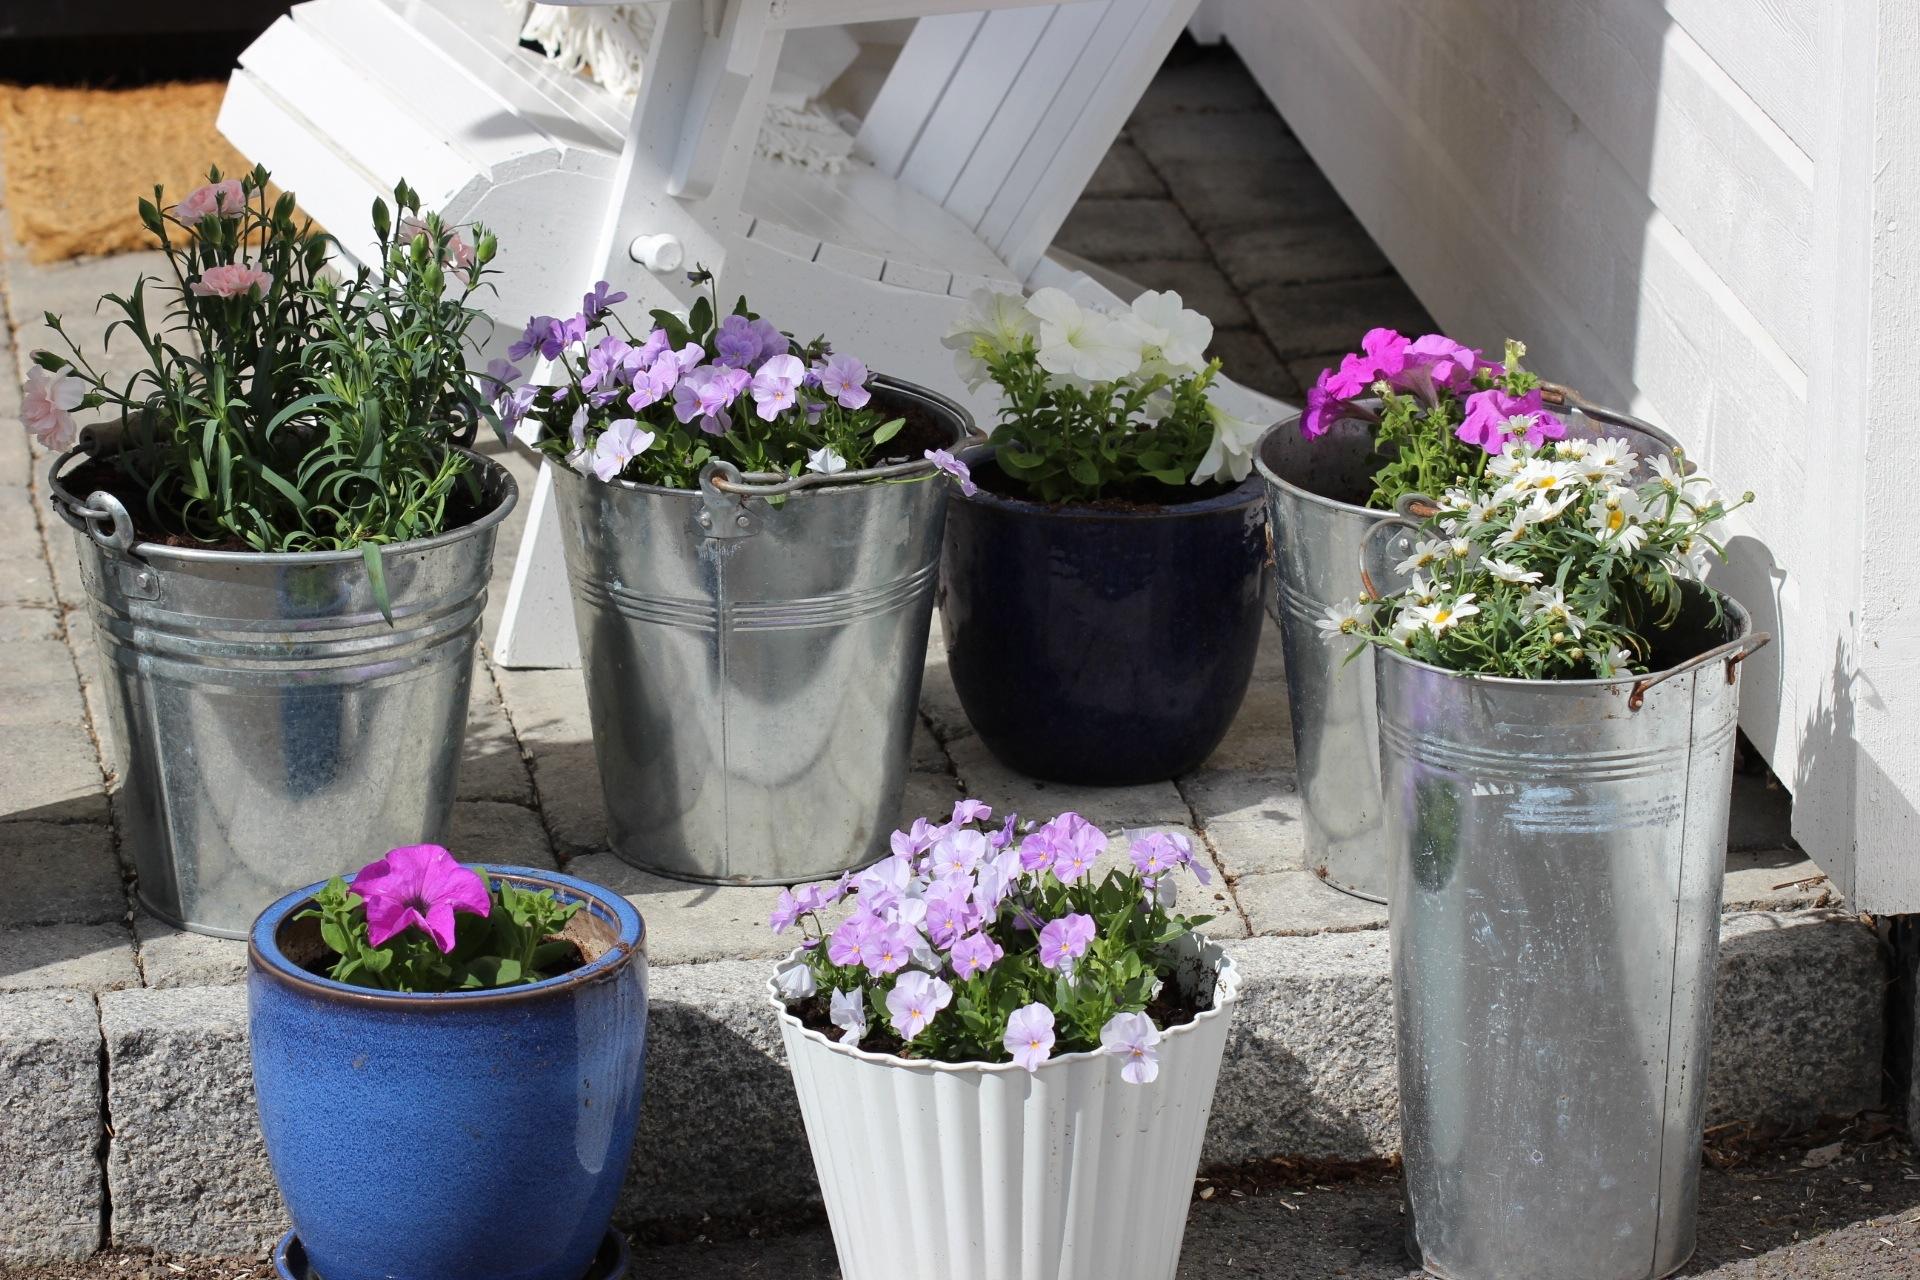 Blomster i krukker - Bodils lille blogg